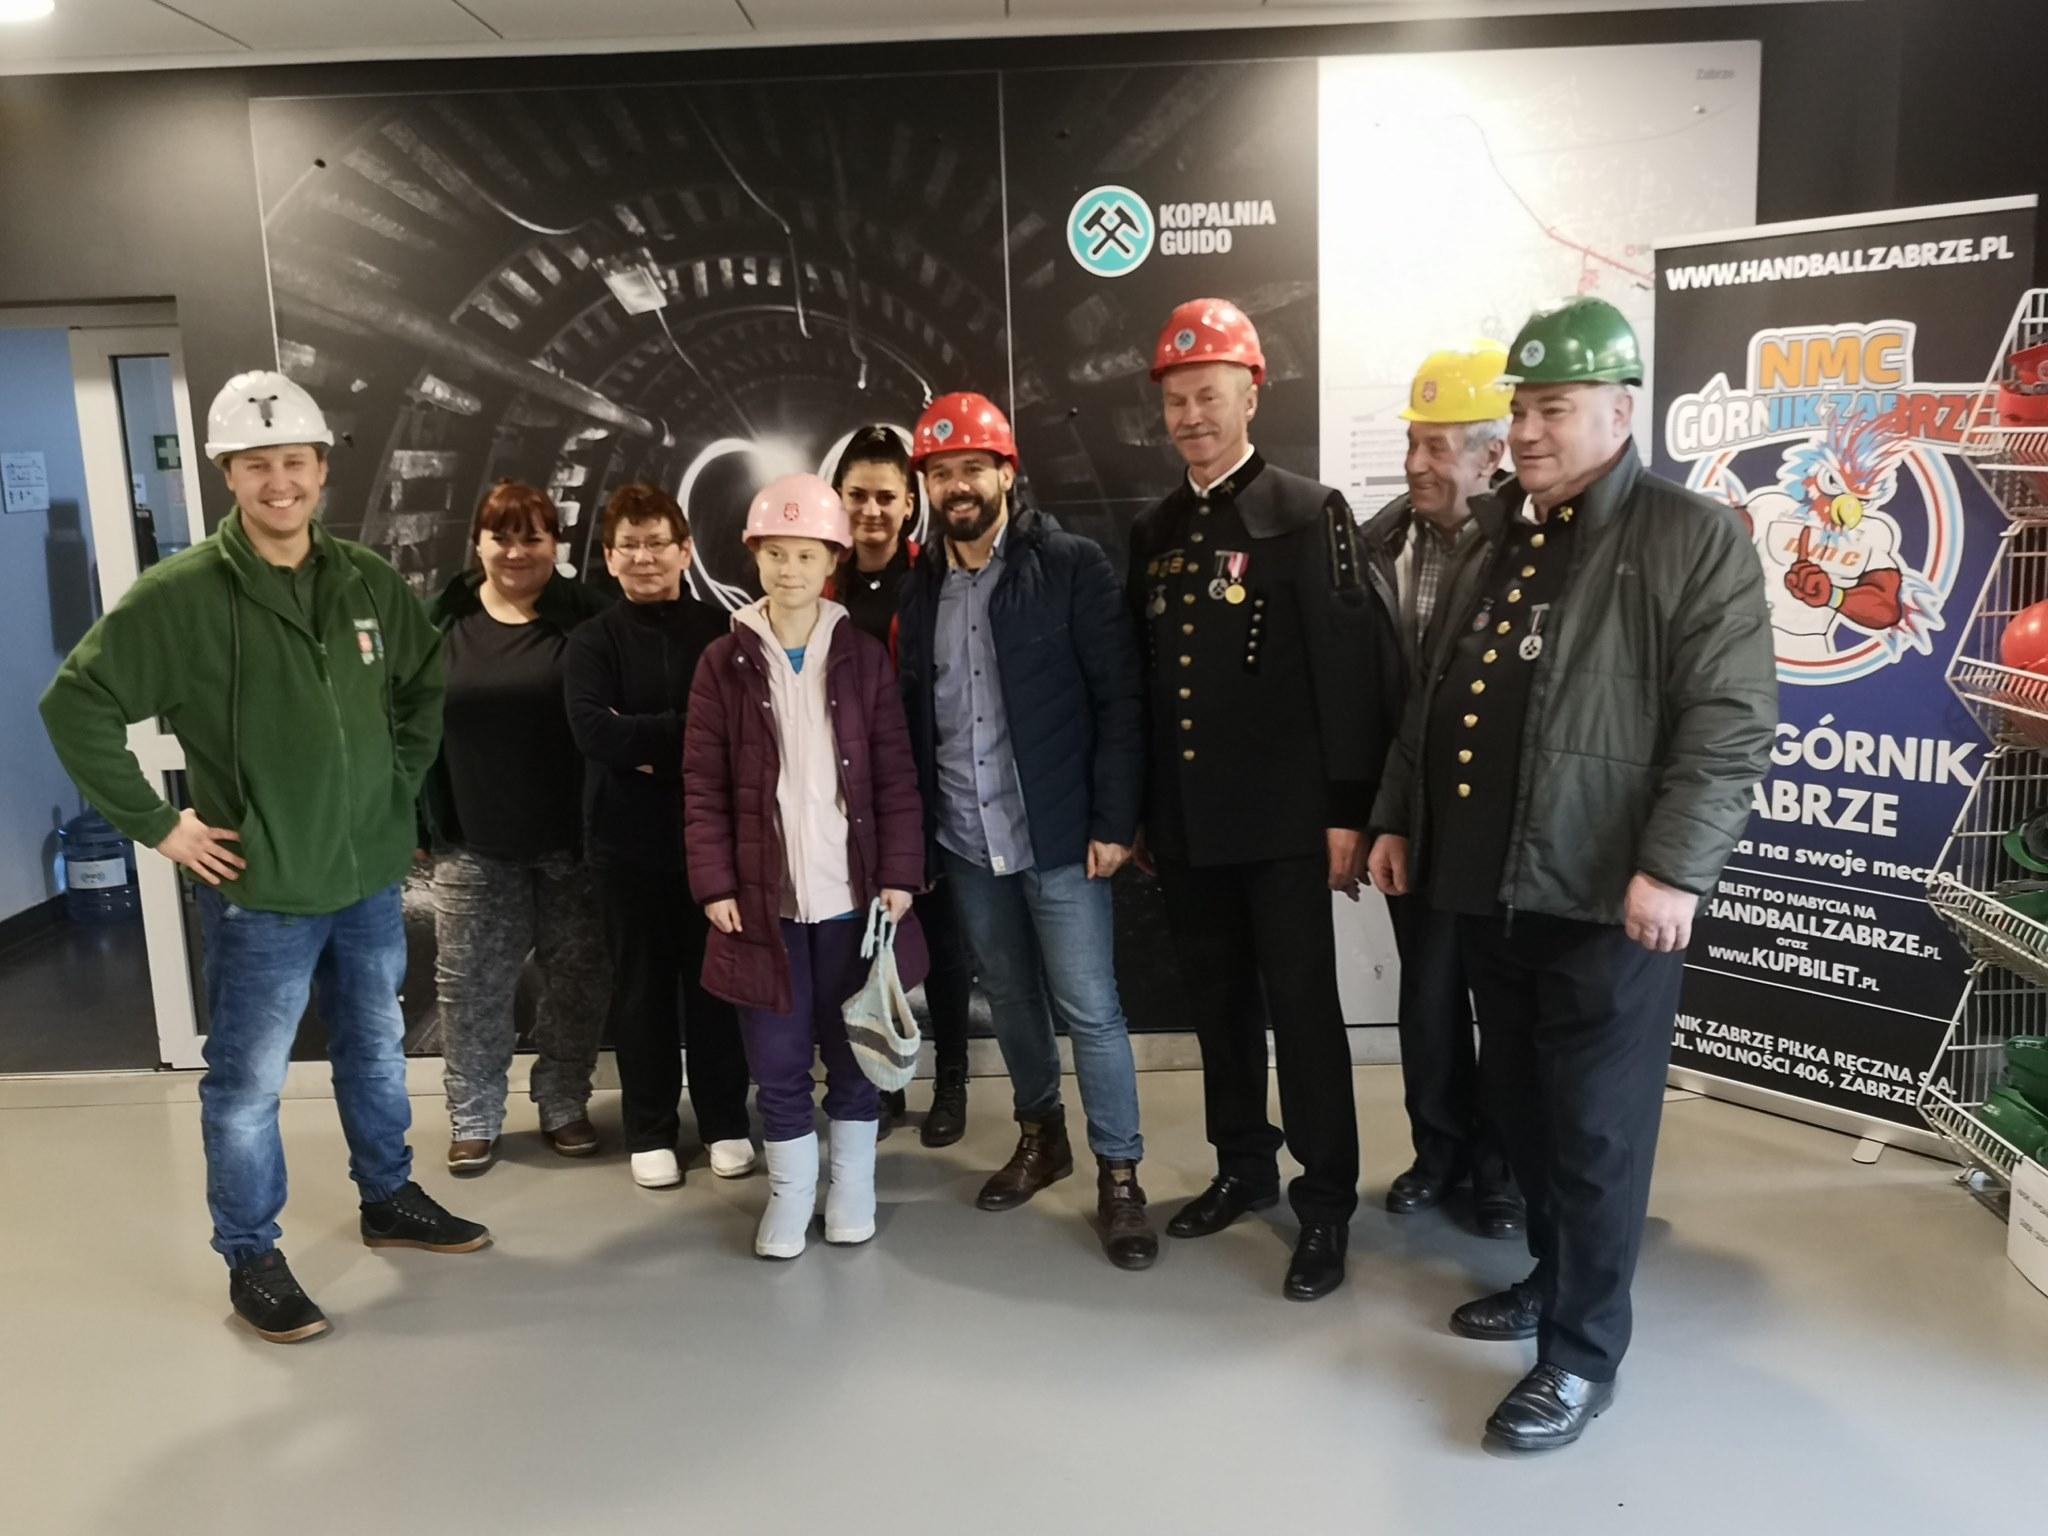 Greta Thunberg z polskimi górnikami w Zabrzu. Fot. Facebook/Jerzy Hubka